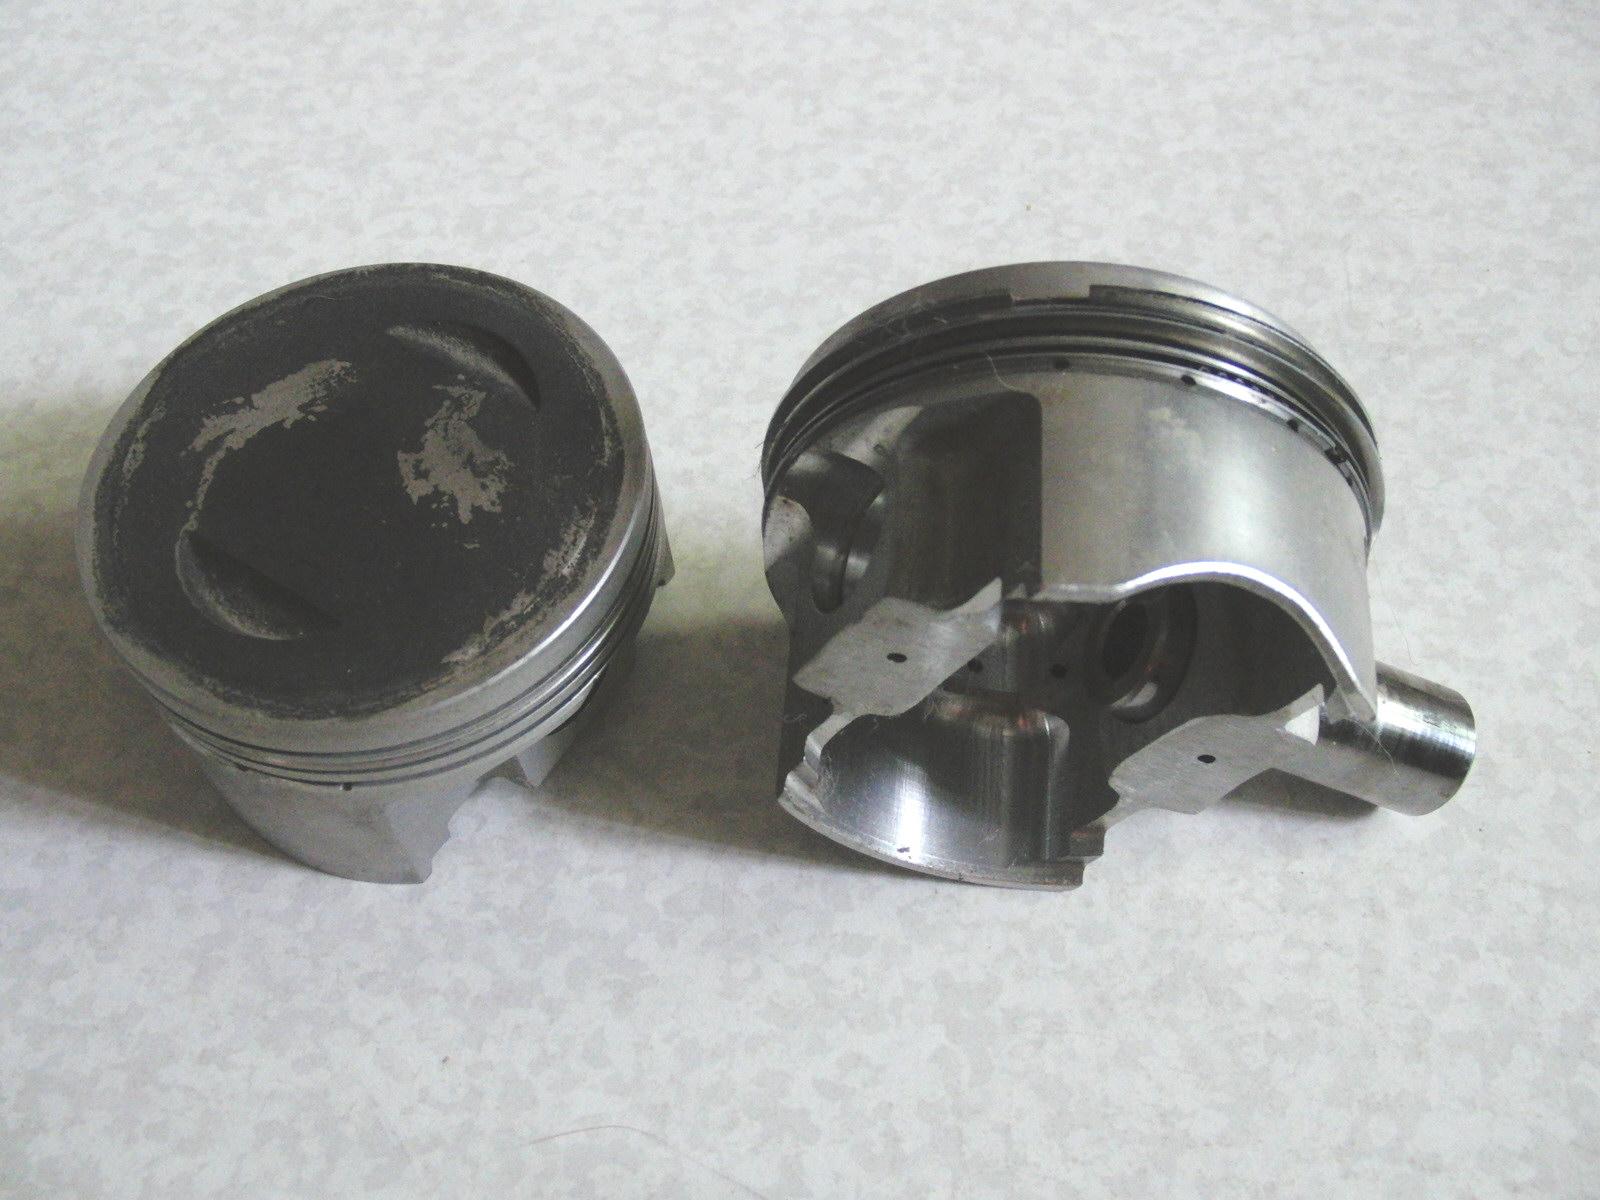 http://www.precious-factory.com/preciousfactory2010/CIMG1352.JPG